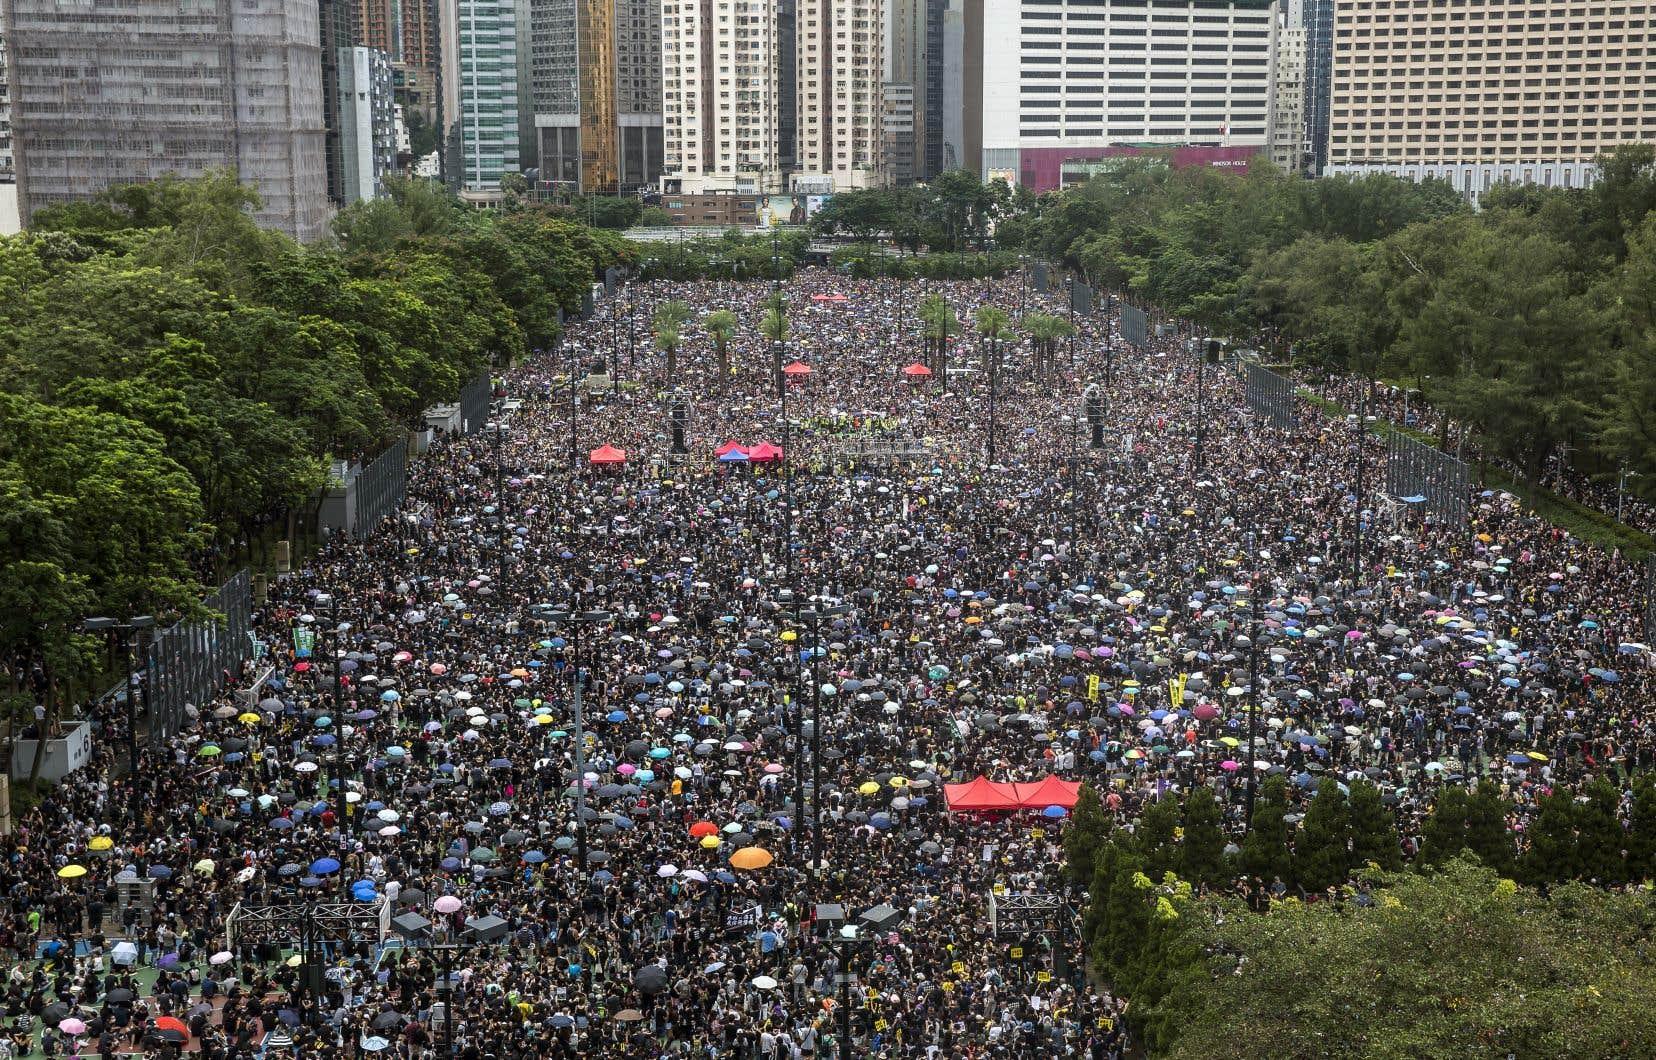 Selon le Front civil des droits de l'homme, plus de 1,7 million de personnes ont défilé dimanche, soit la plus forte mobilisation depuis des semaines. La police estime pour sa part à 128 000 le nombre des personnes ayant participé à la manifestation autorisée dans un parc.